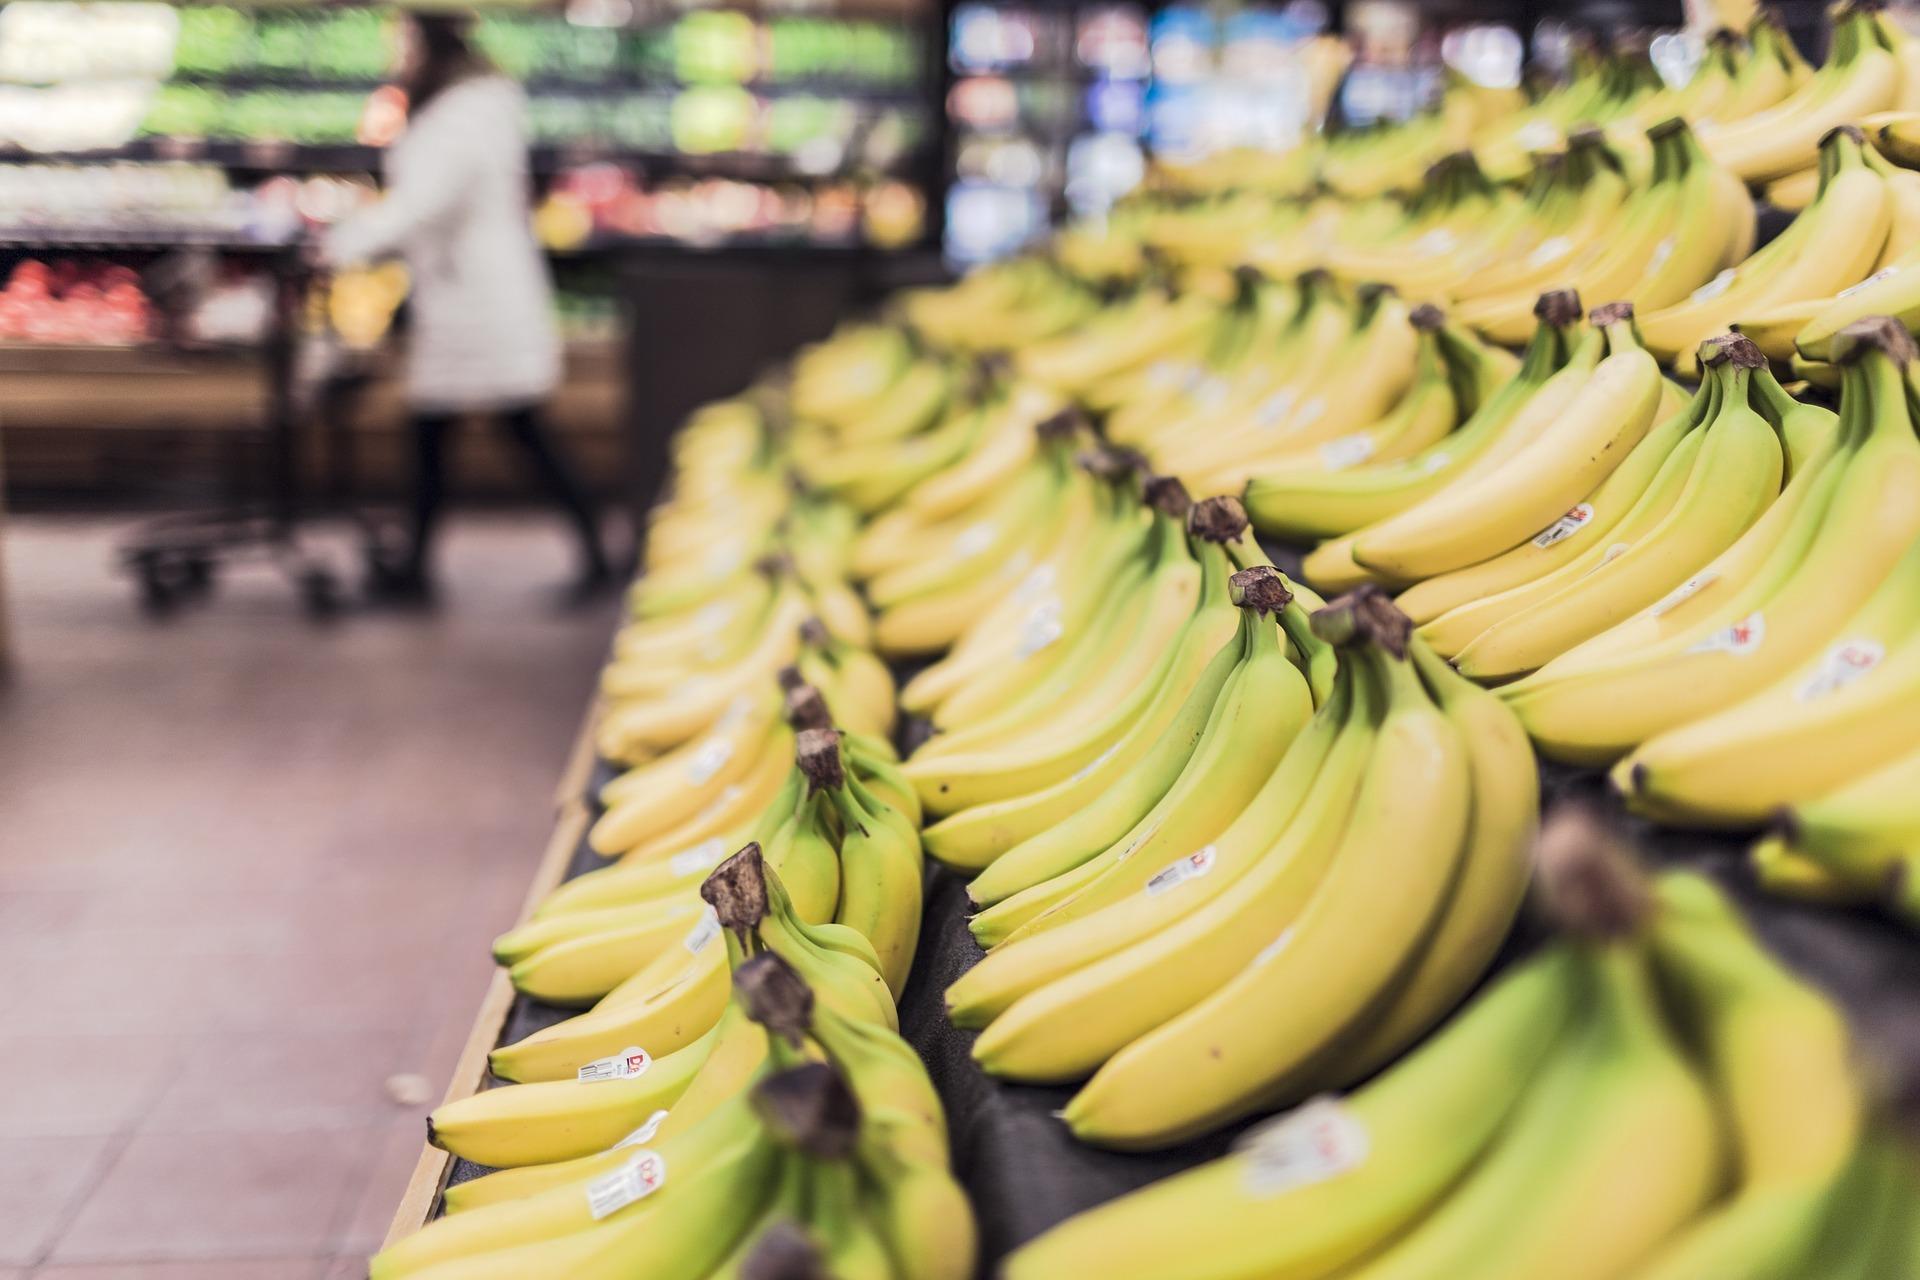 力抗網購低價競爭困境,阿里巴巴反向發展實體雜貨商店